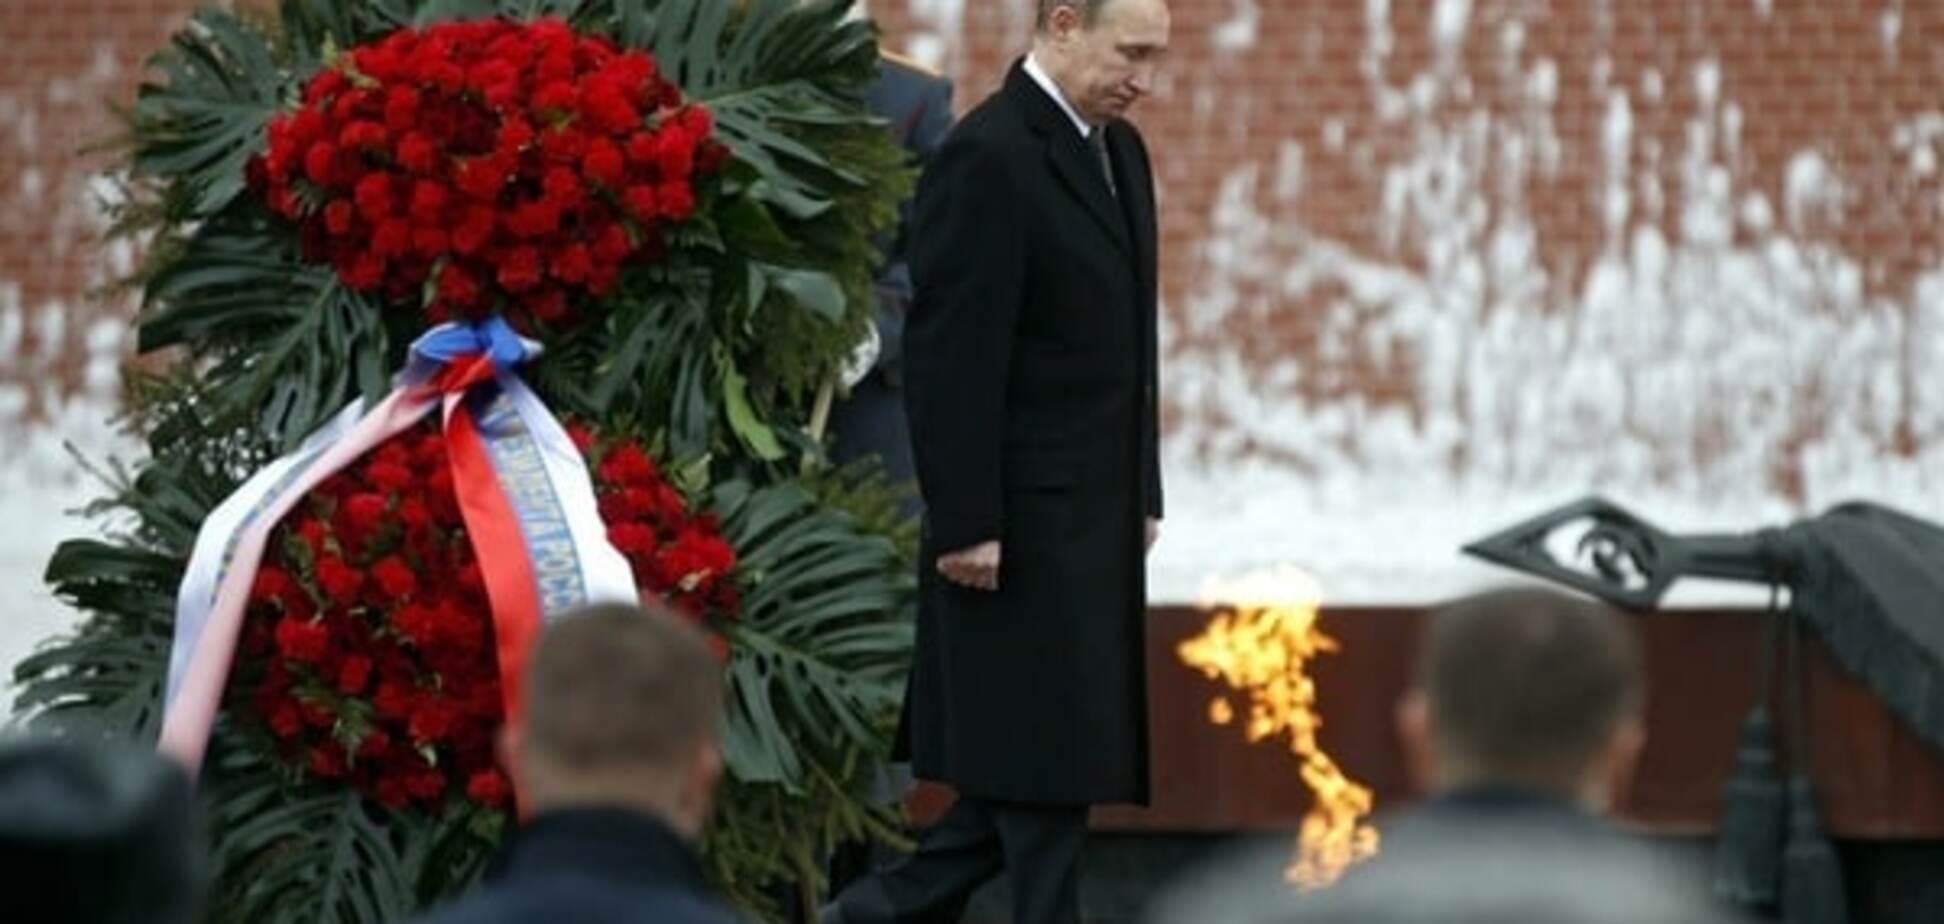 Развал 'империи': Панфилов спрогнозировал будущее России